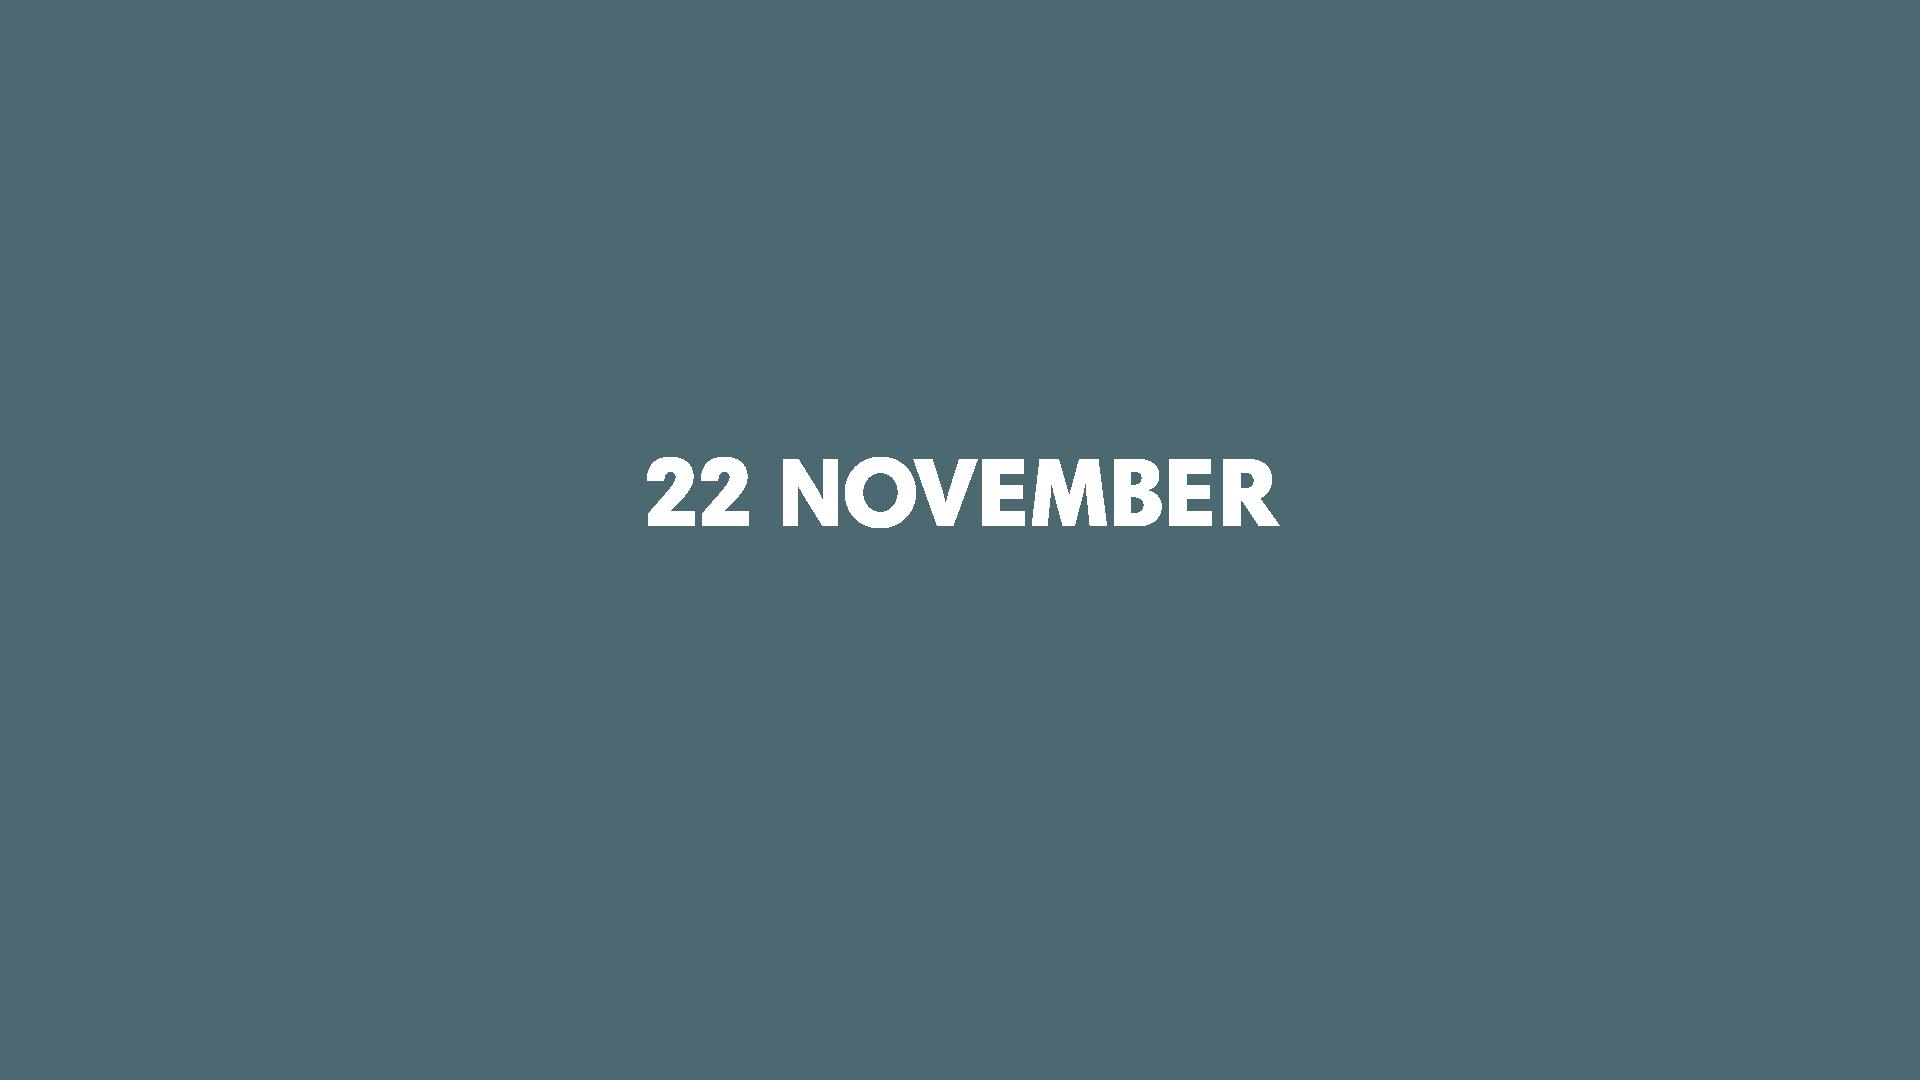 22 November